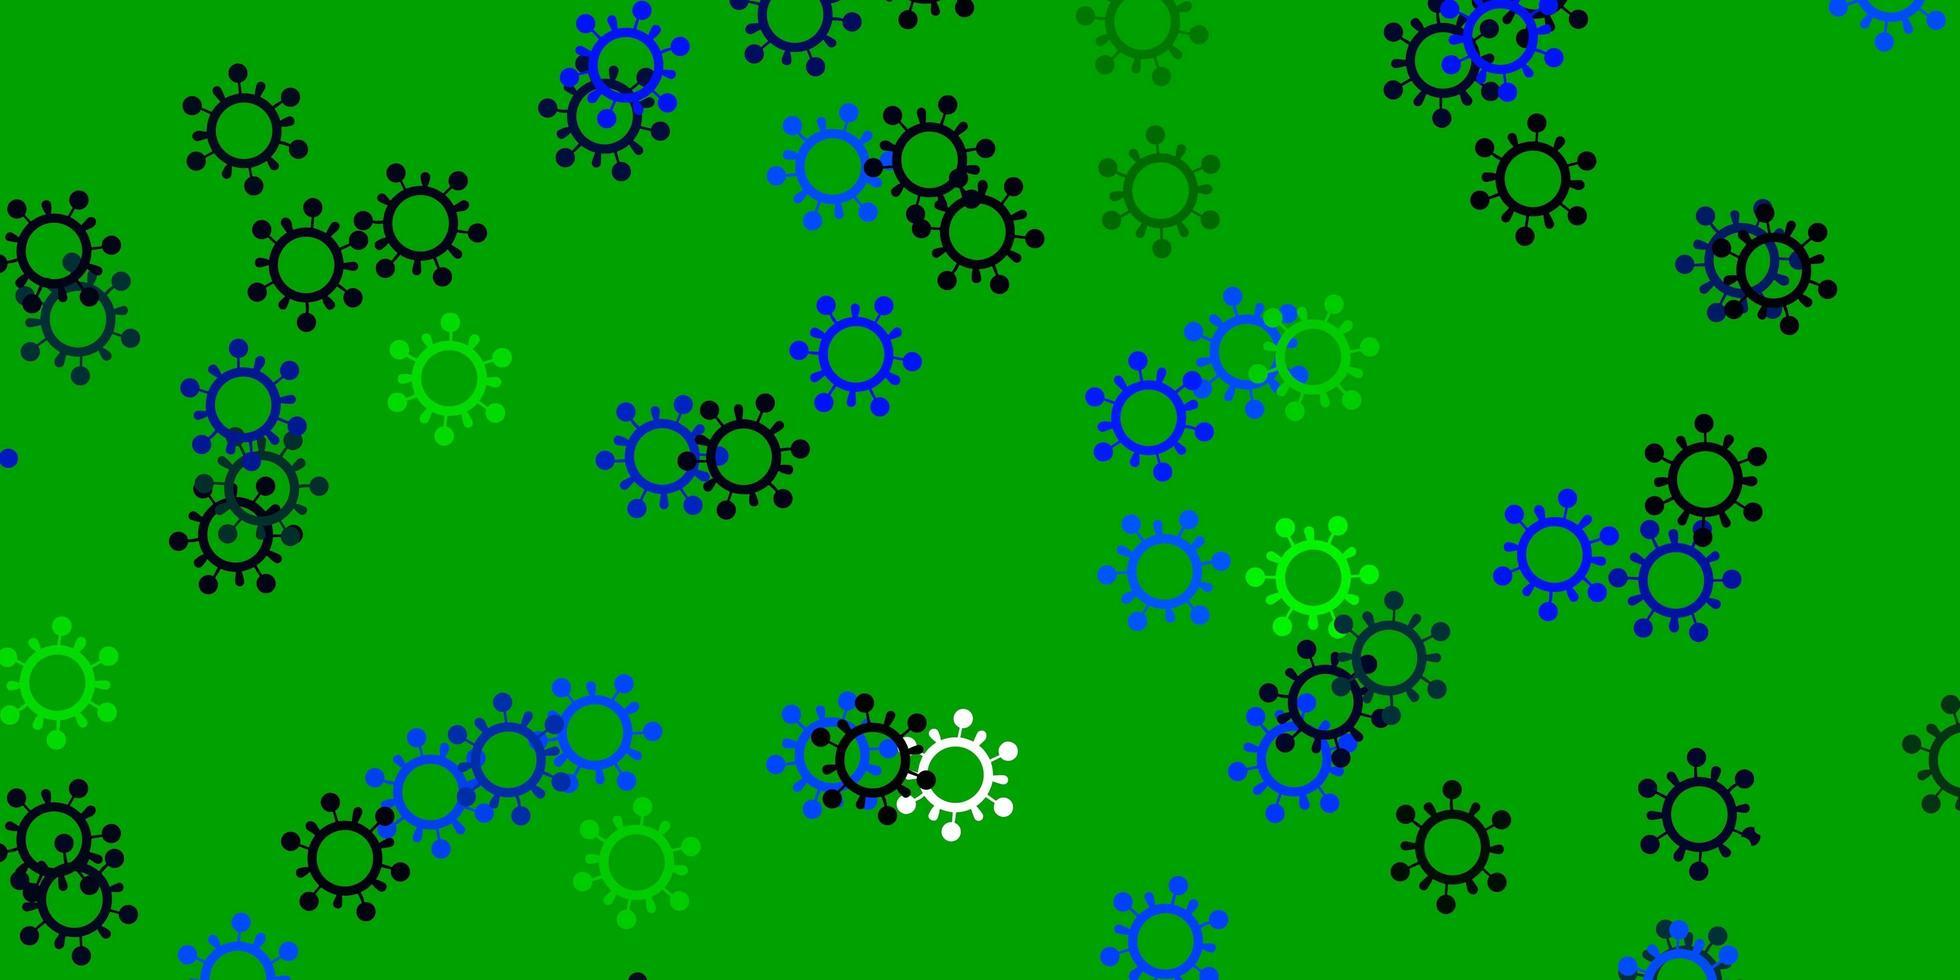 lichtblauw, groen vector sjabloon met grieptekens